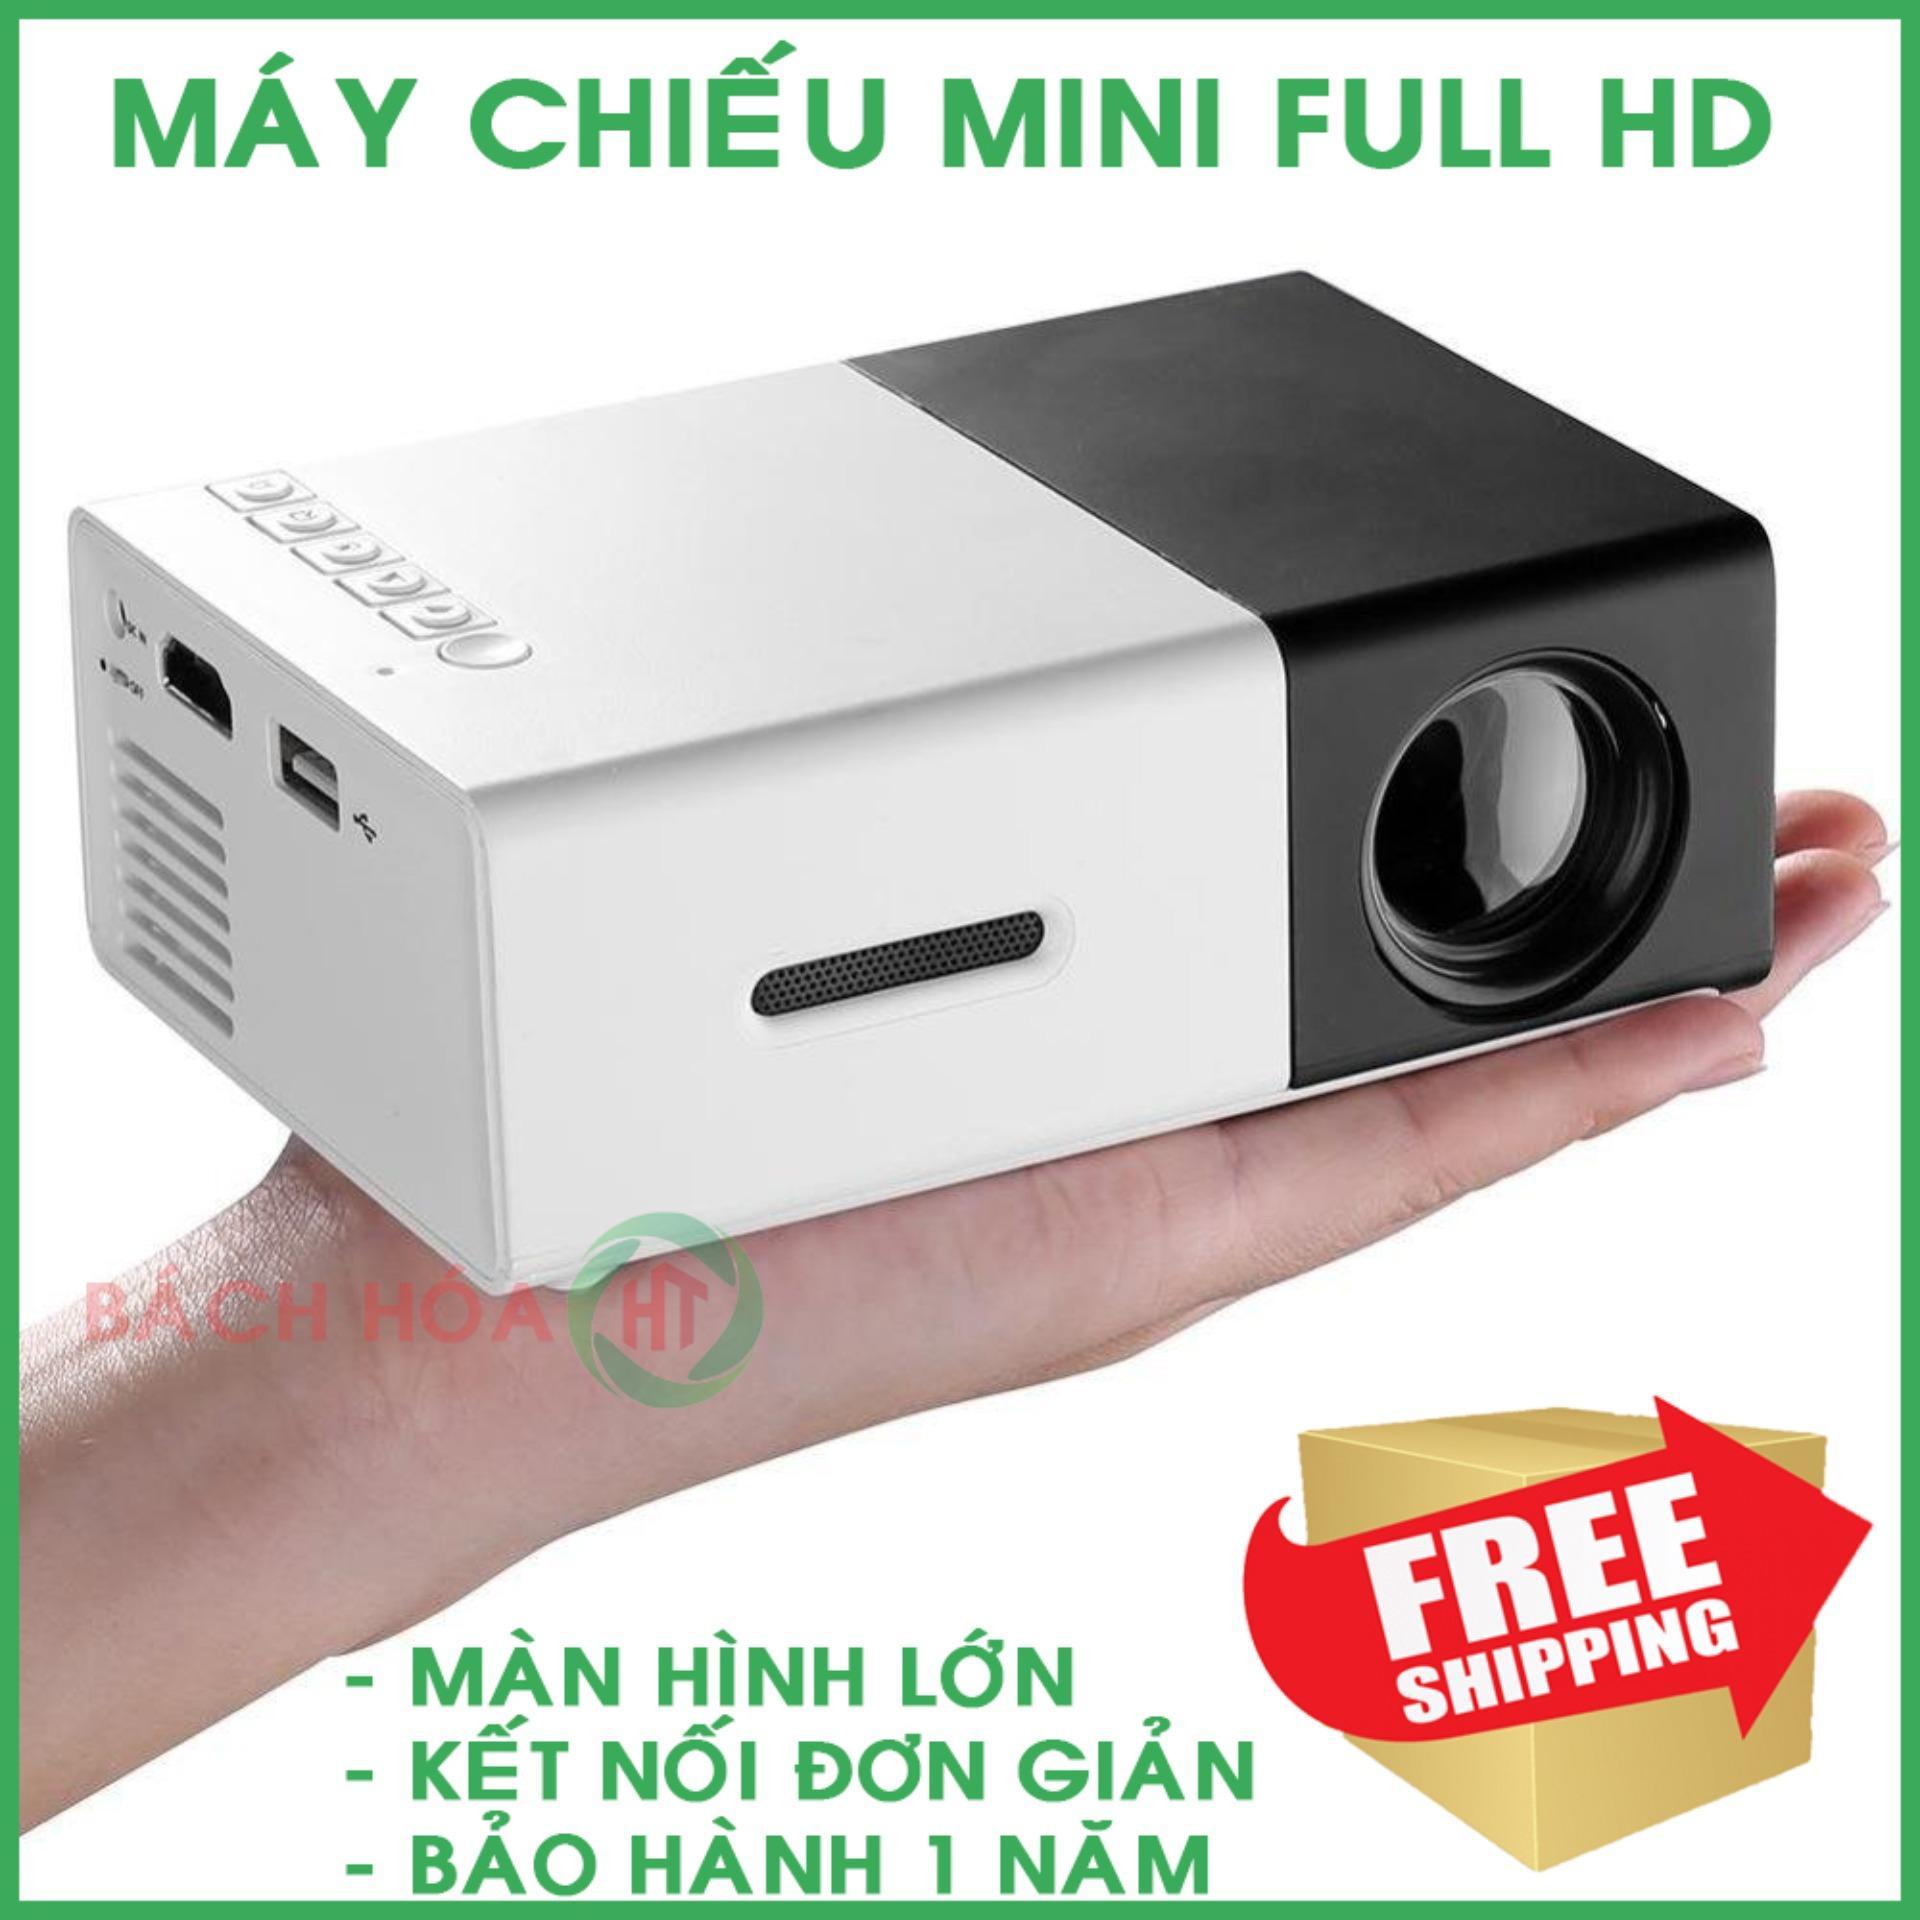 May chieu gia re tai tphcm , Giá máy chiếu, Máy chiếu màn hình LCD TFT HD1080 hàng cao cấp - chất lượng full HD - cho hình ảnh chân thực và rõ nét - BH 1 đổi 1 trong vòng 12 tháng